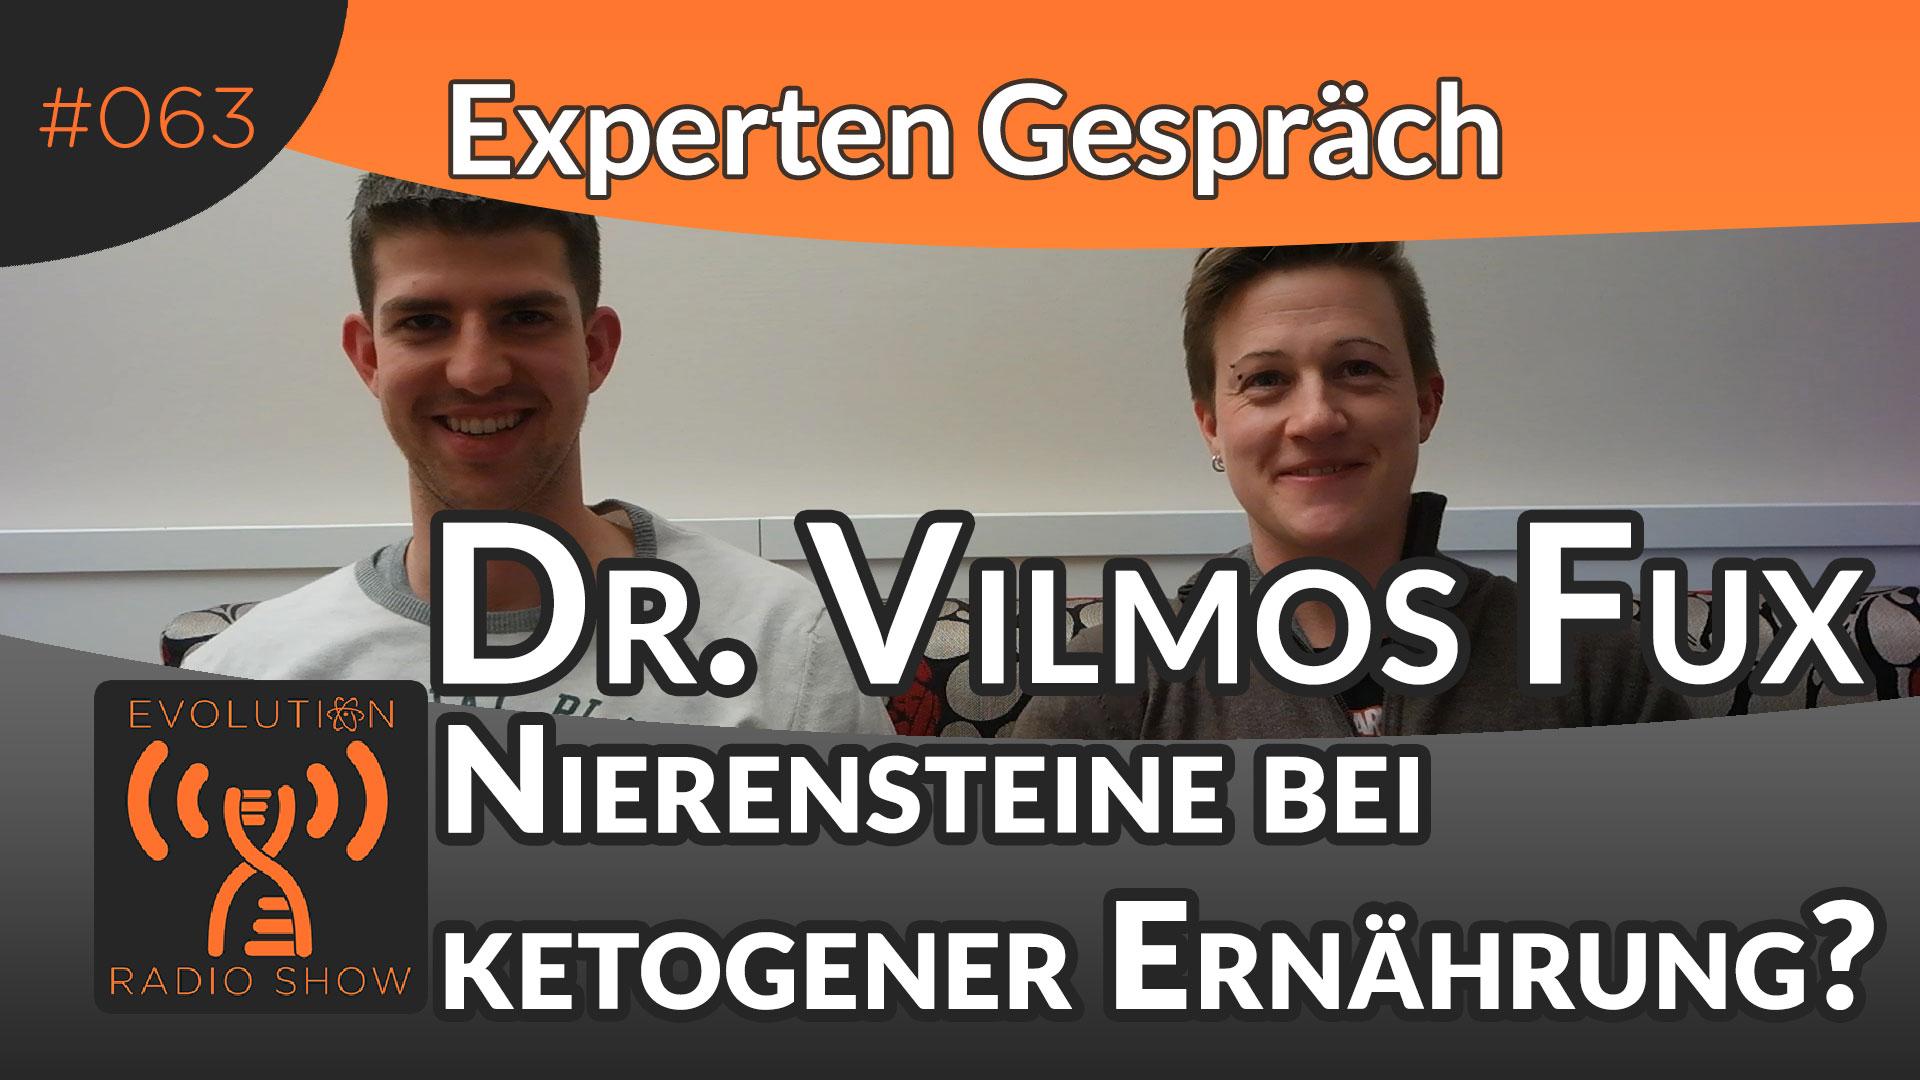 Evolution Radio Show Folge #063: Ist Low Carb schlecht für die Nieren? Experte Dr. Vilmos Fux